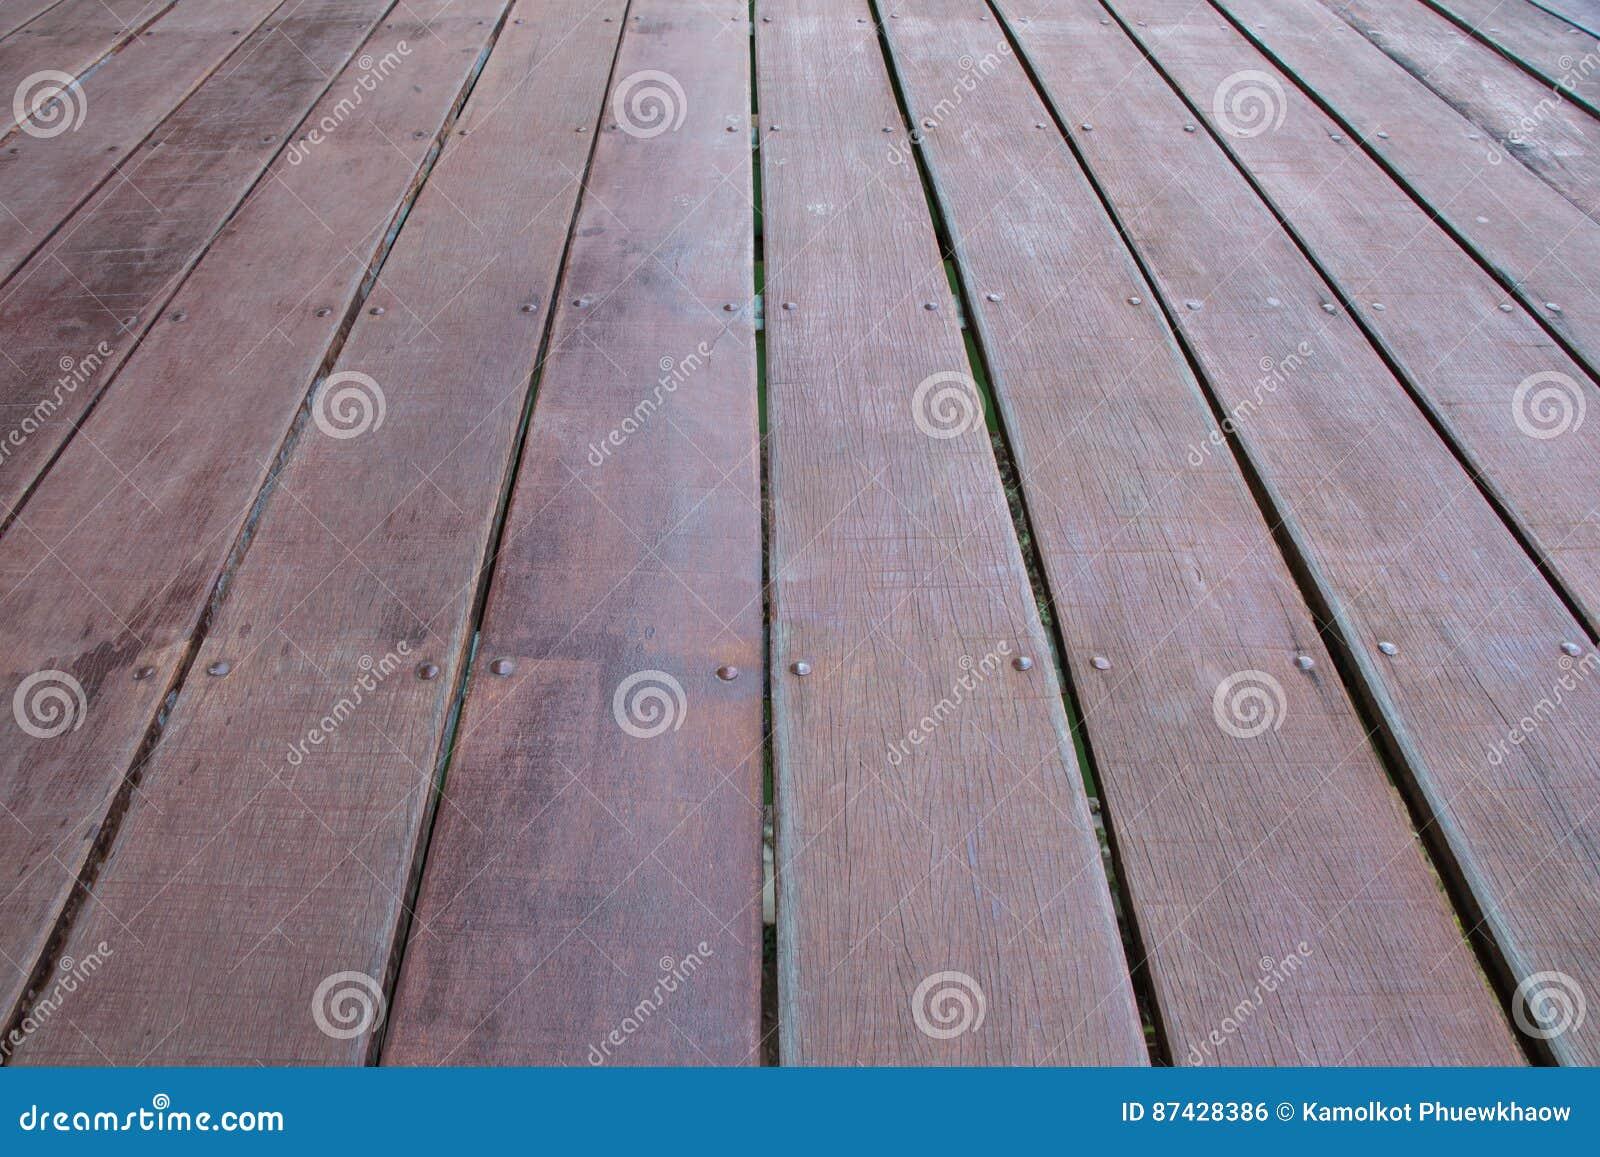 Wooden deck floor texture